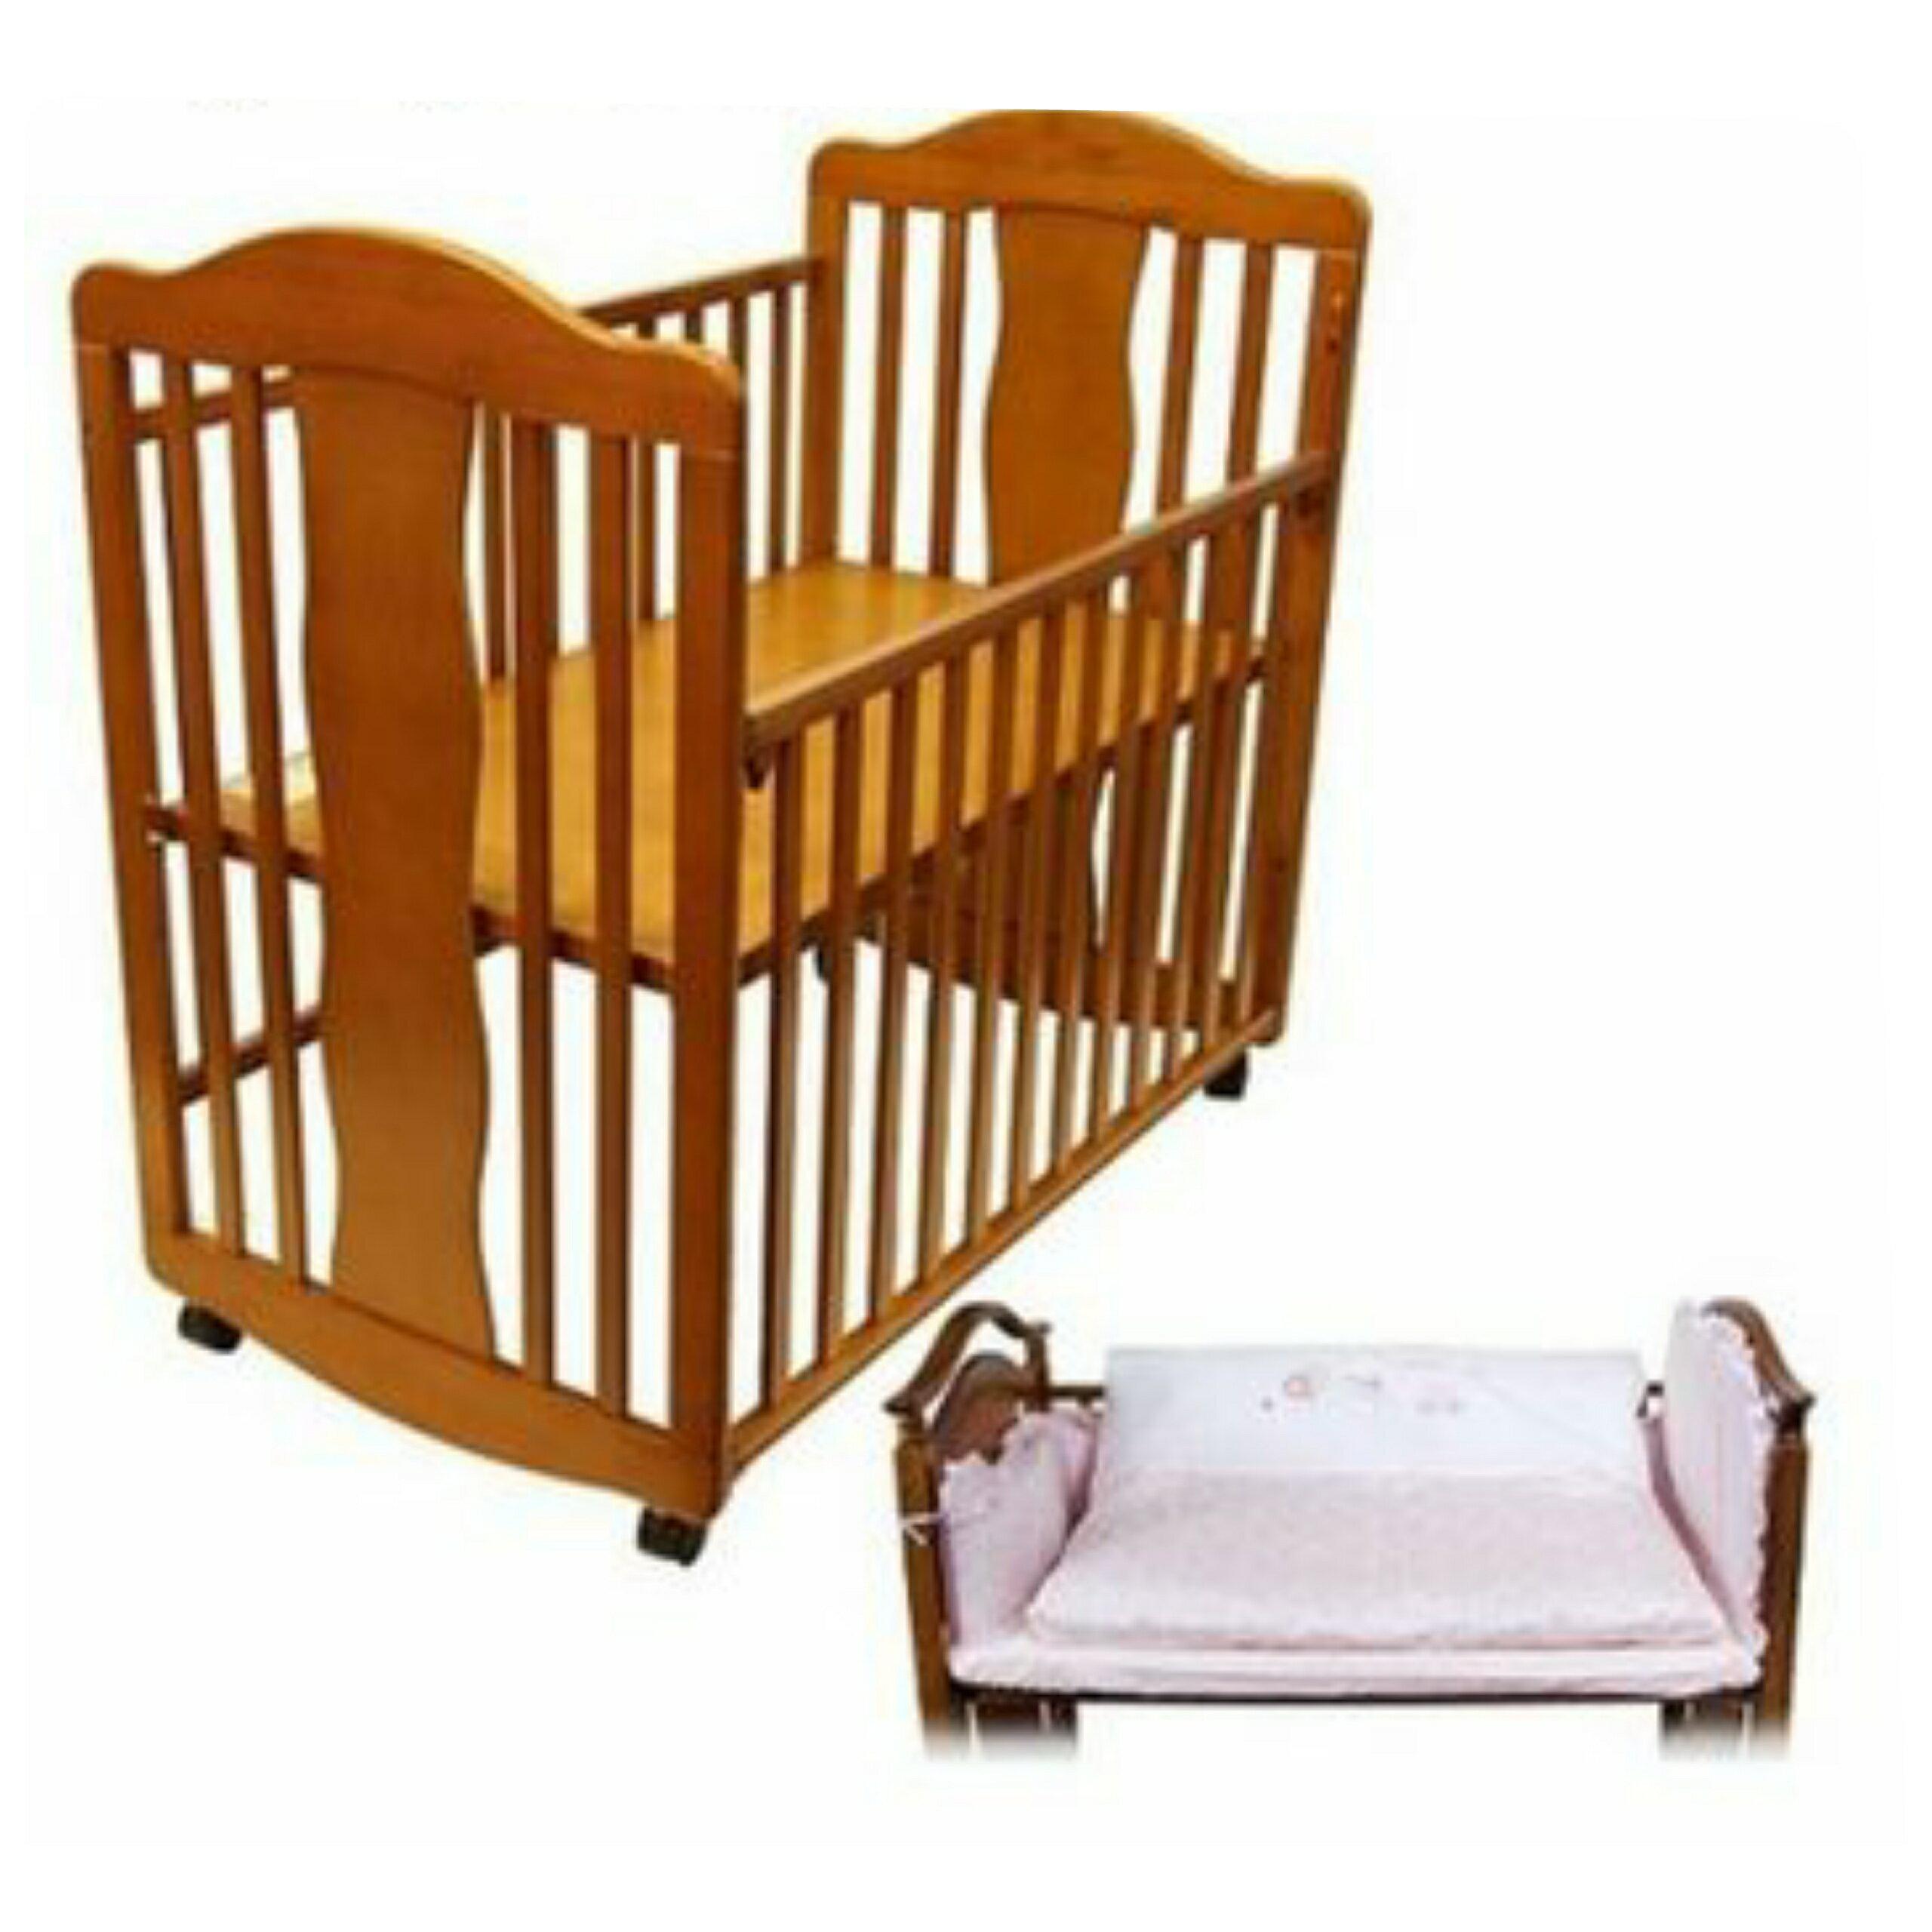 【寶貝樂園】百貨娃娃城專櫃 Babycity 幸福小床+ 床墊(實木帶滾輪)不含床組